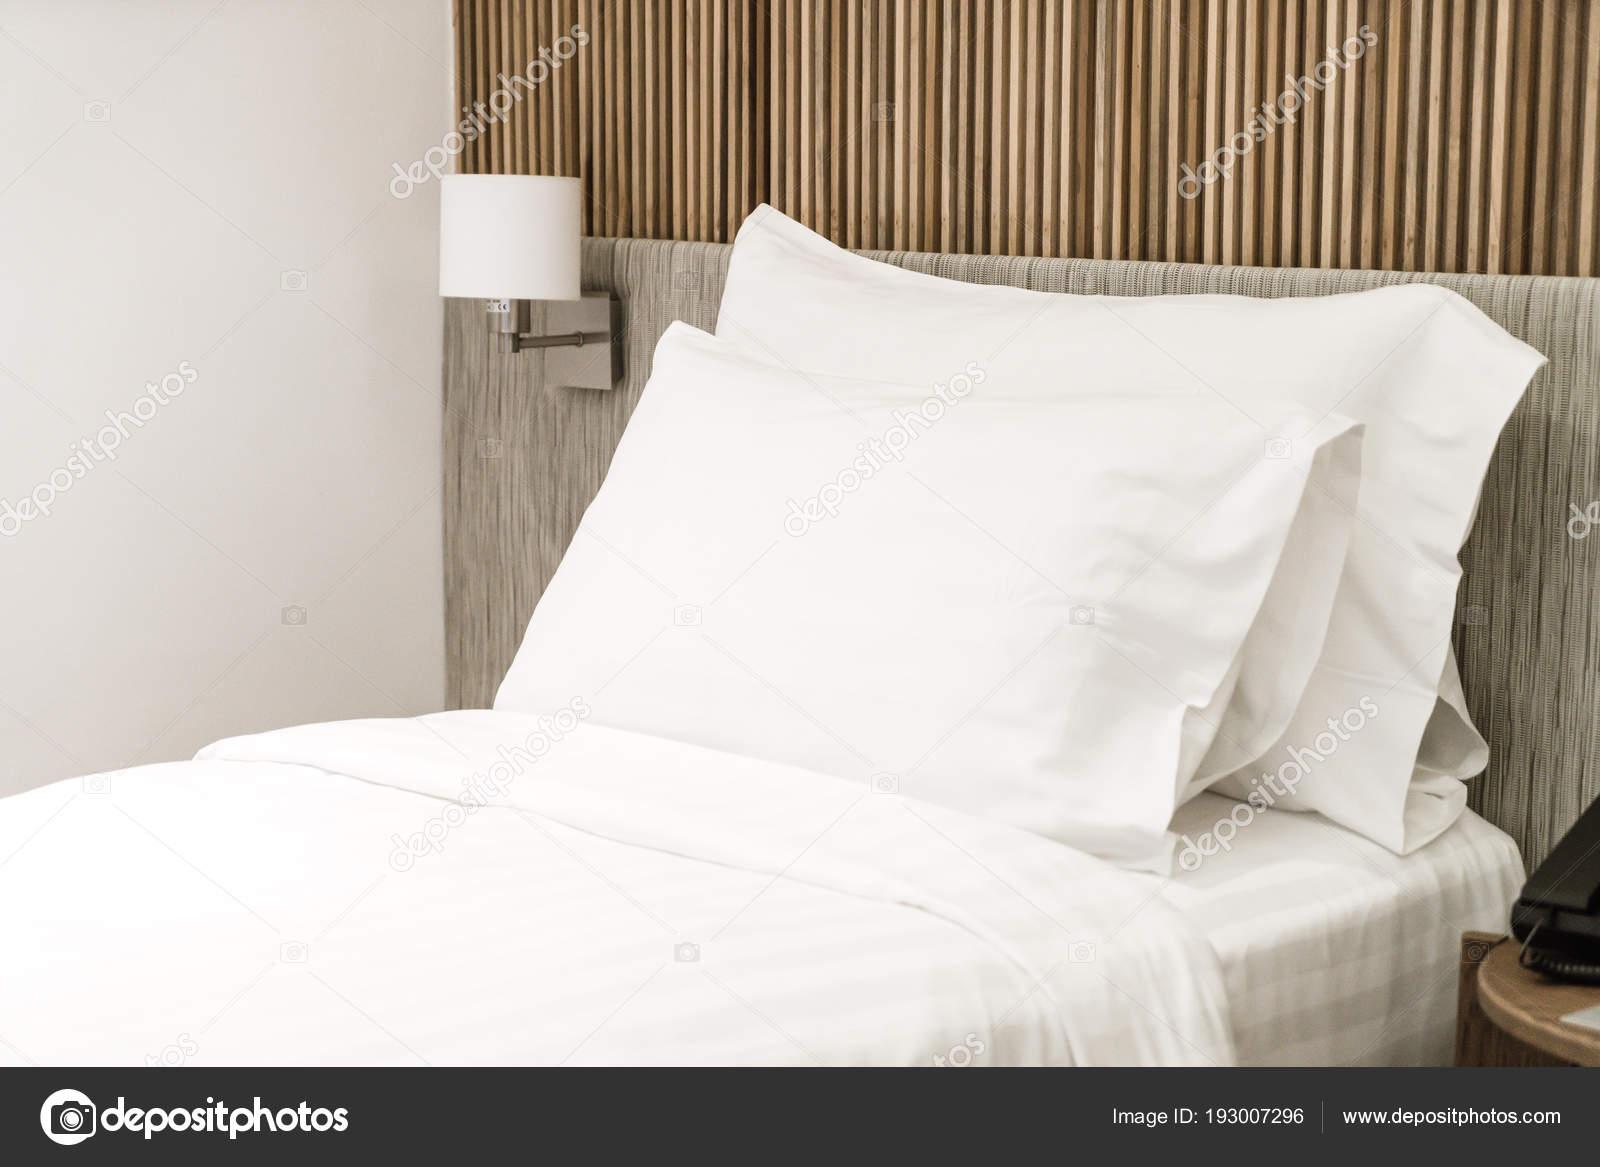 Decorazione Camere Da Letto : Comodo cuscino sulla decorazione del letto in camera da letto